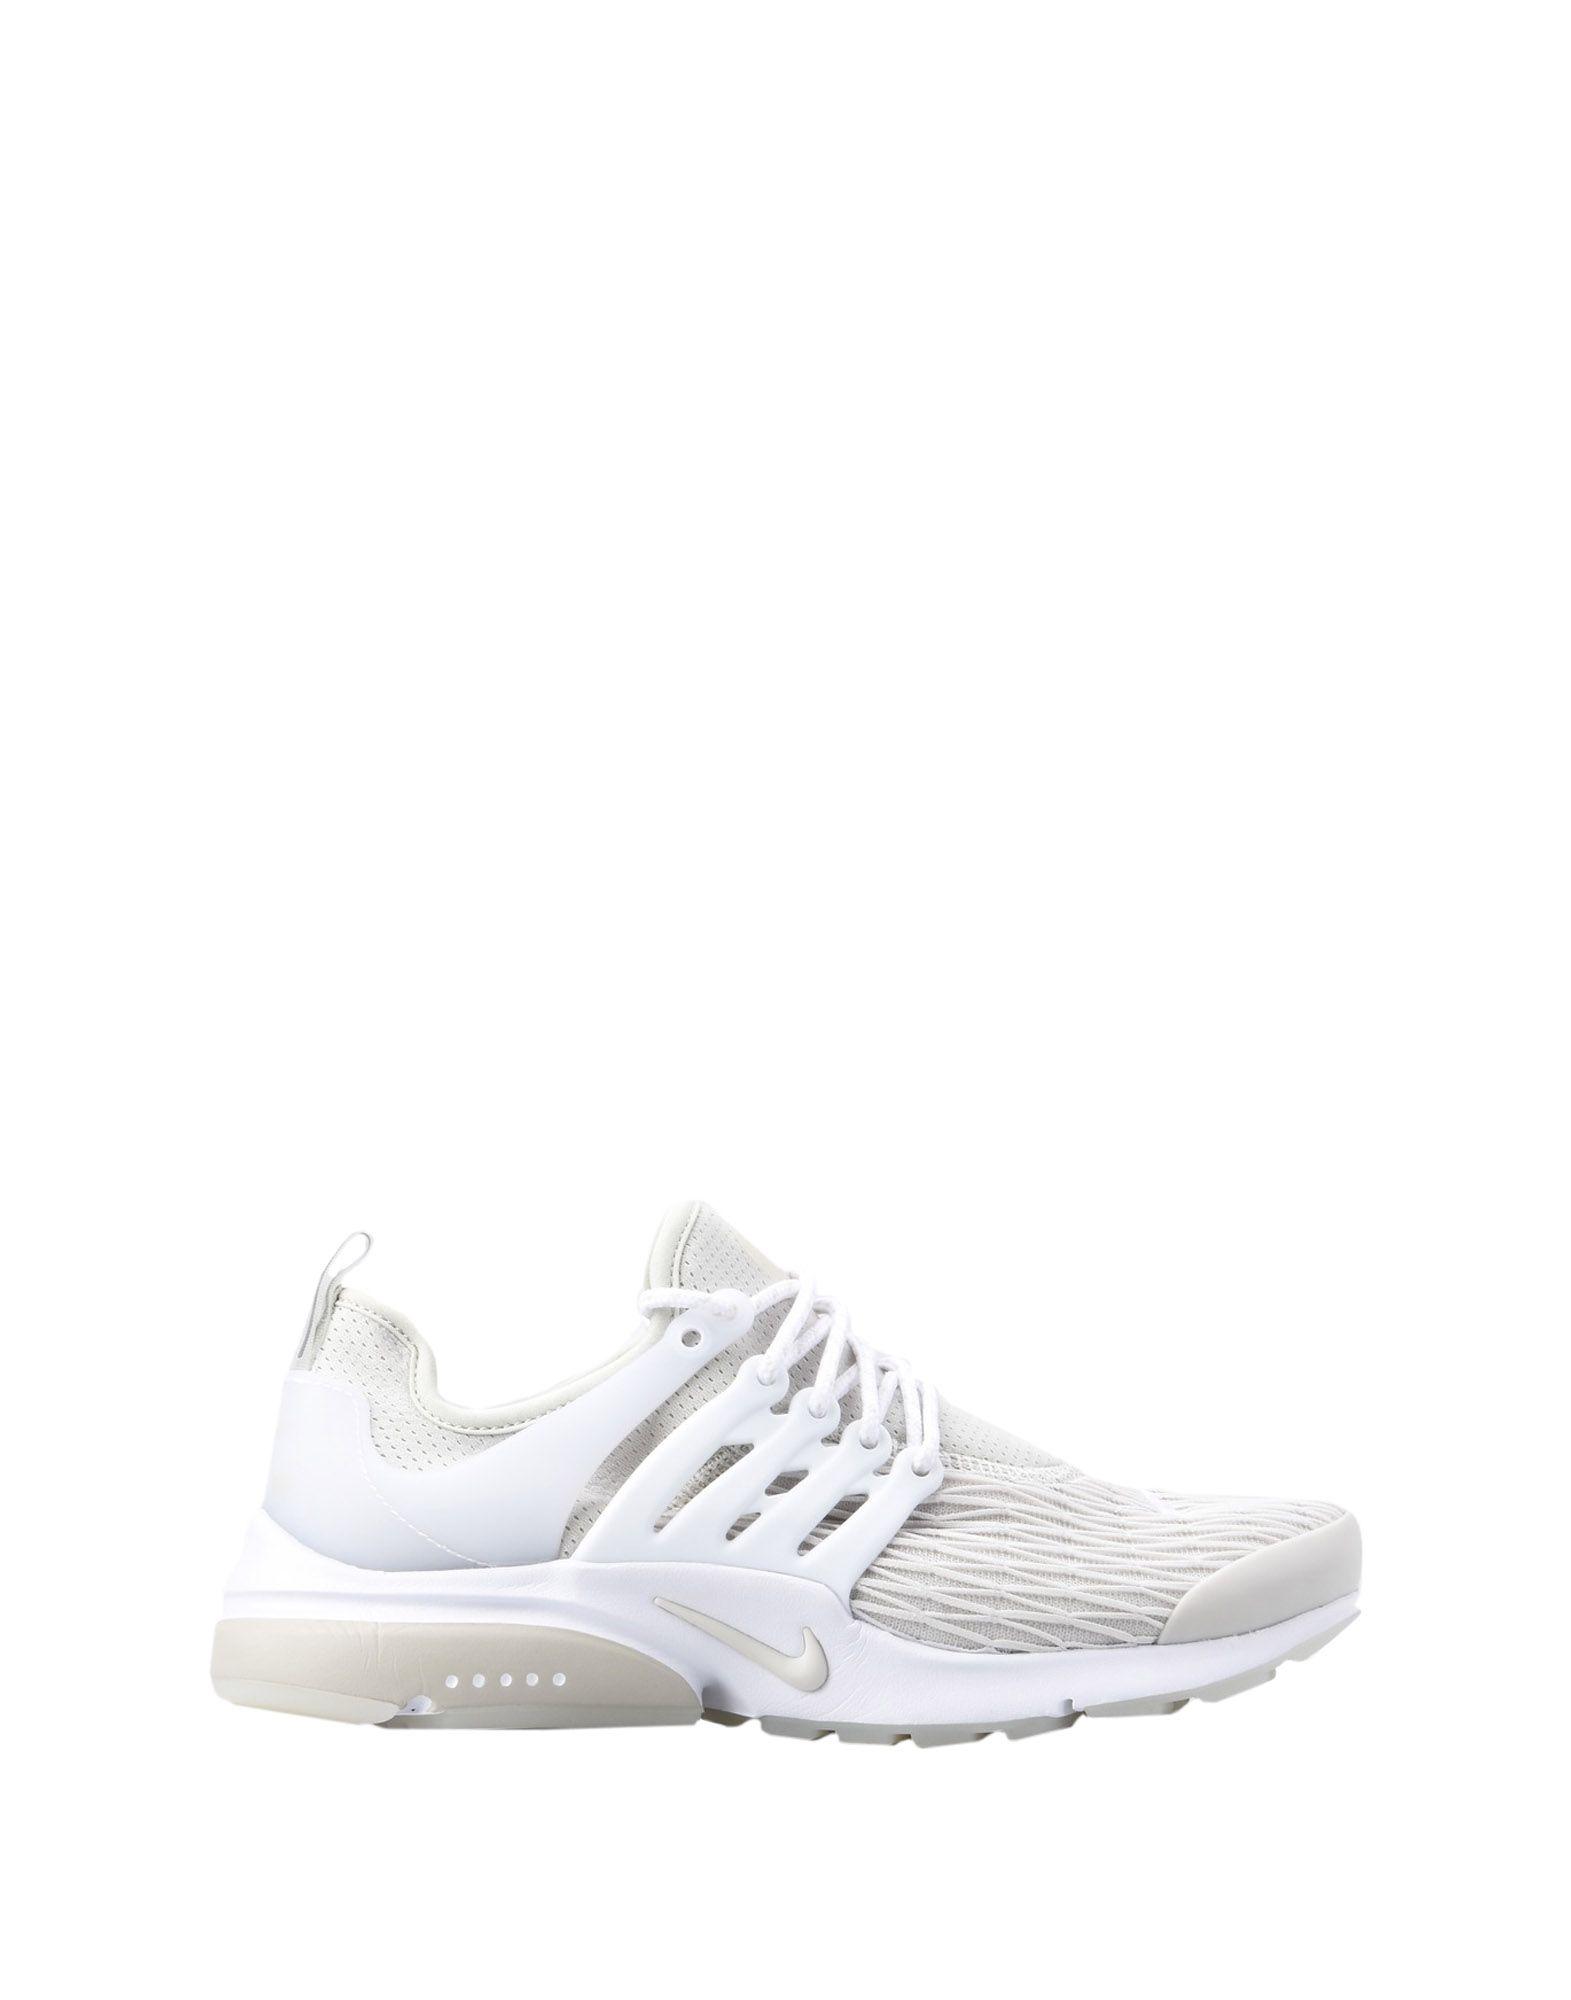 Sneakers Nike  Air Presto Premium - Femme - Sneakers Nike sur